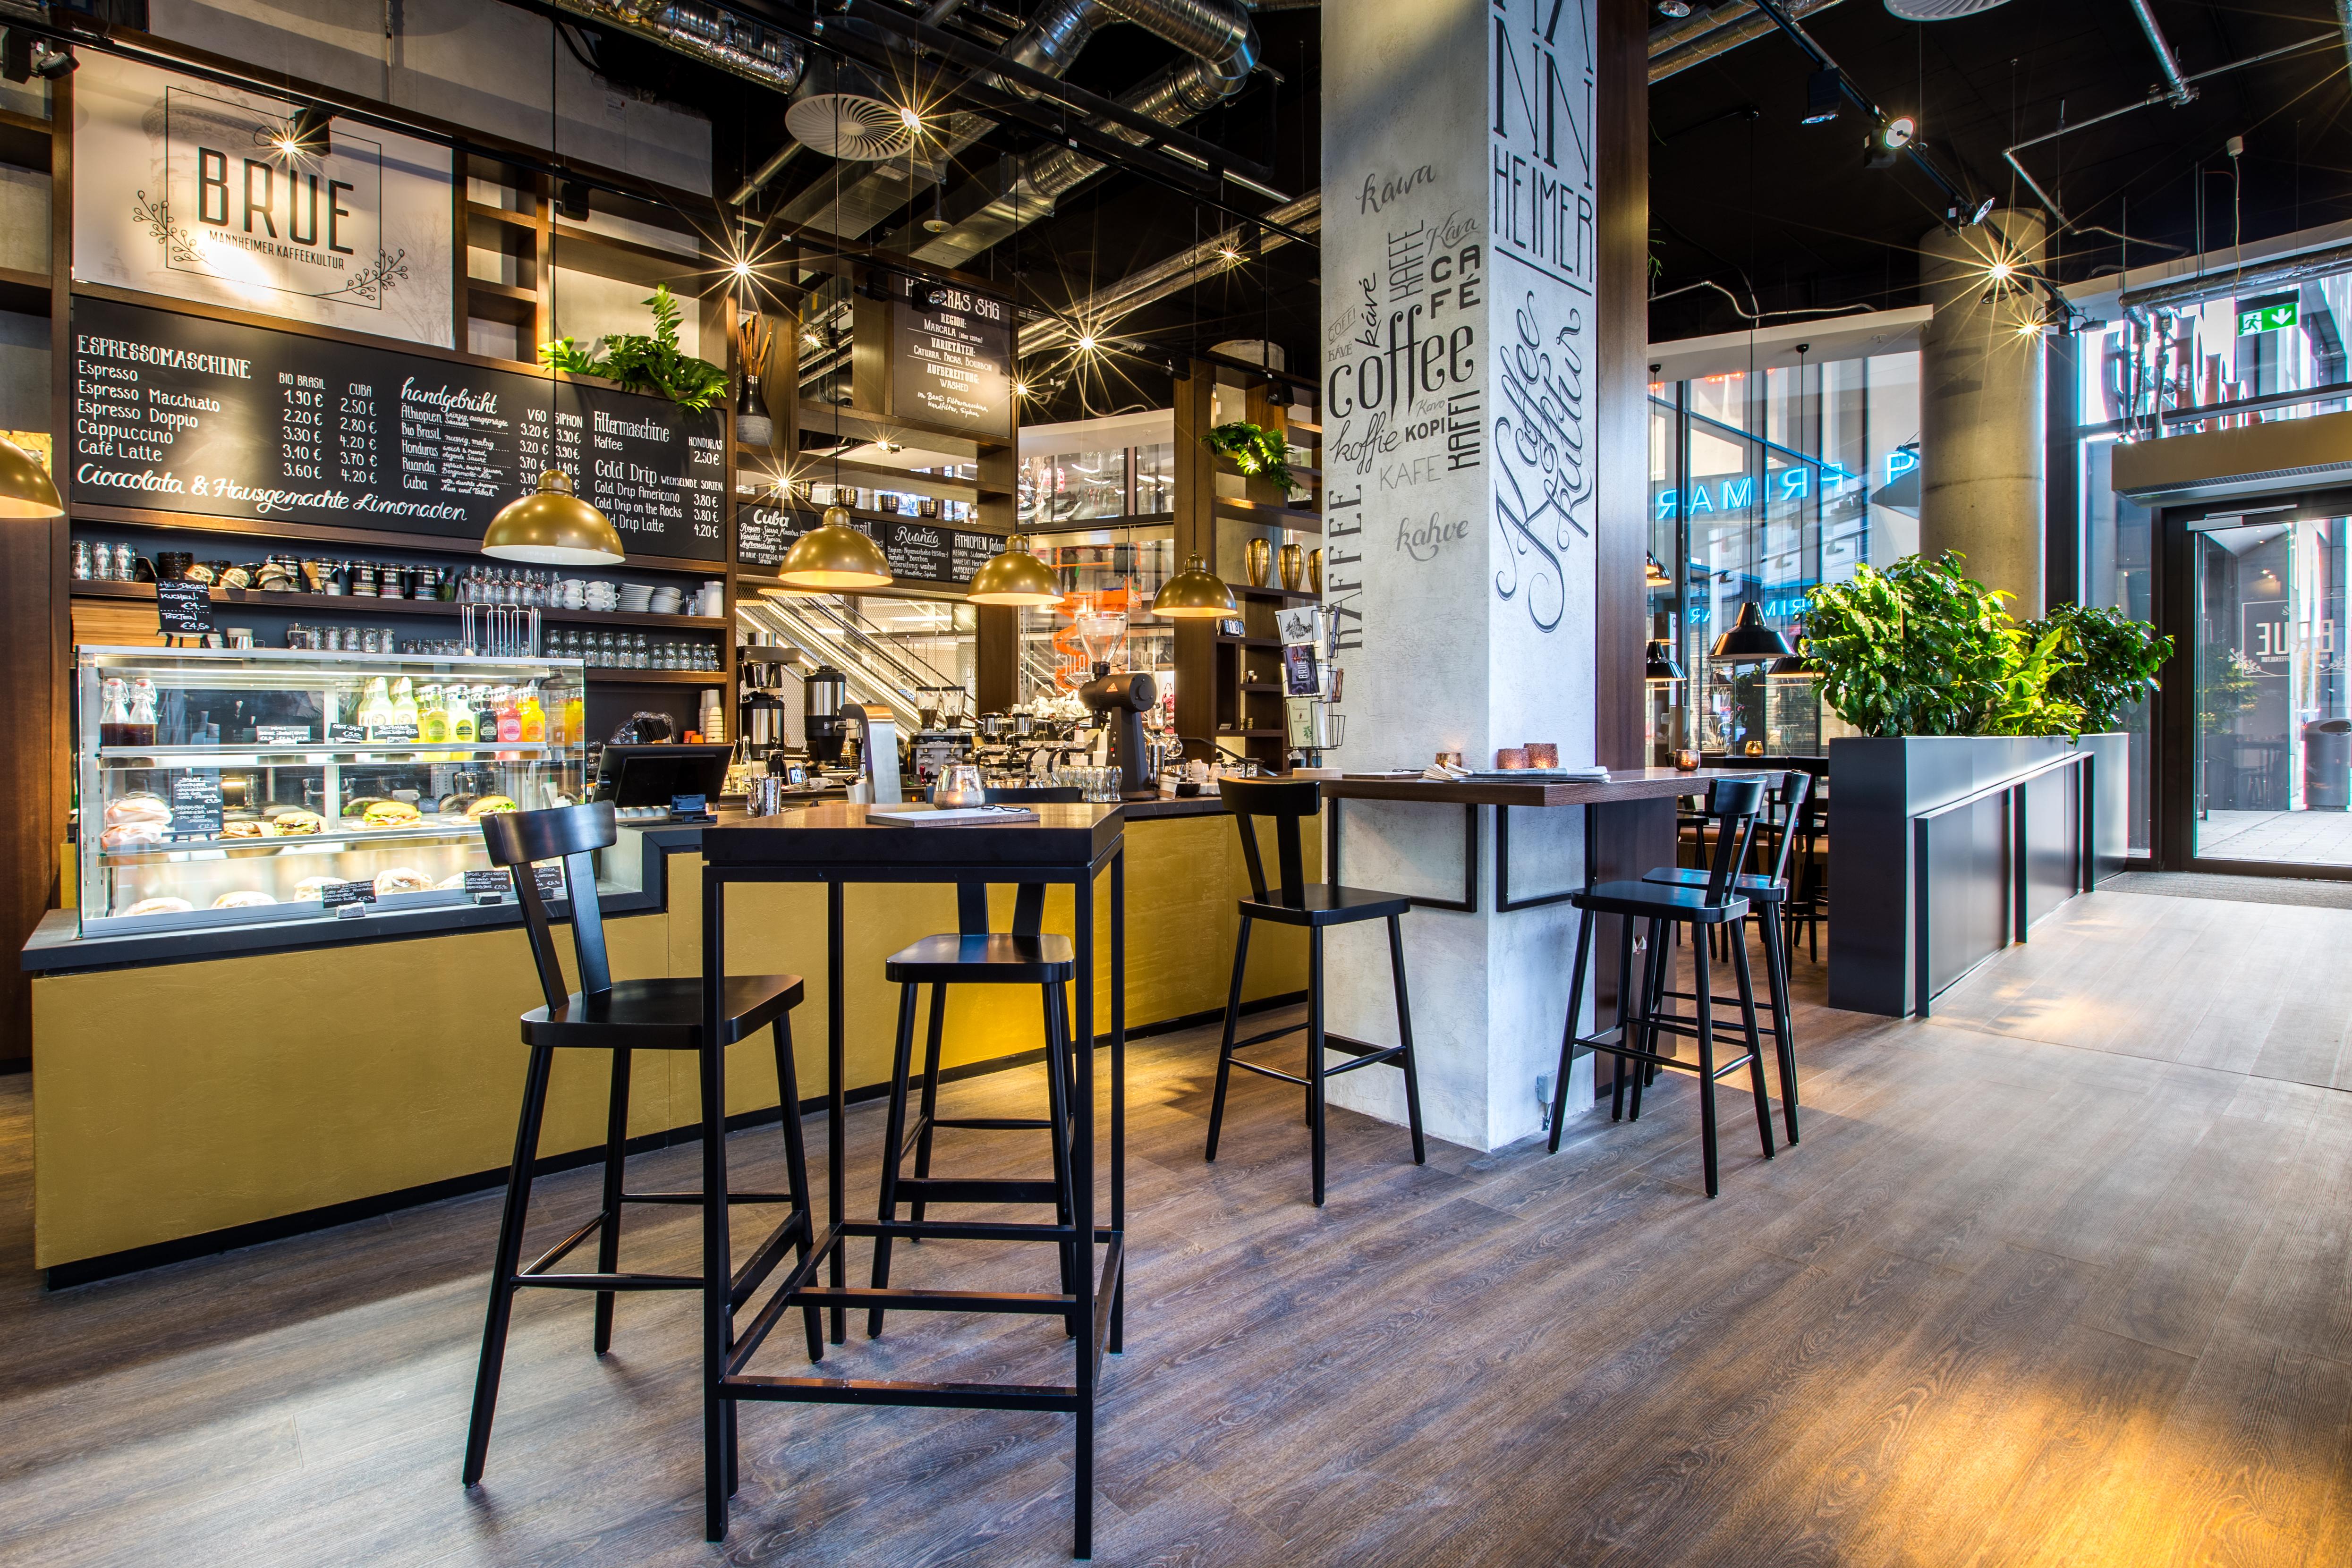 Café Brue Mannheim